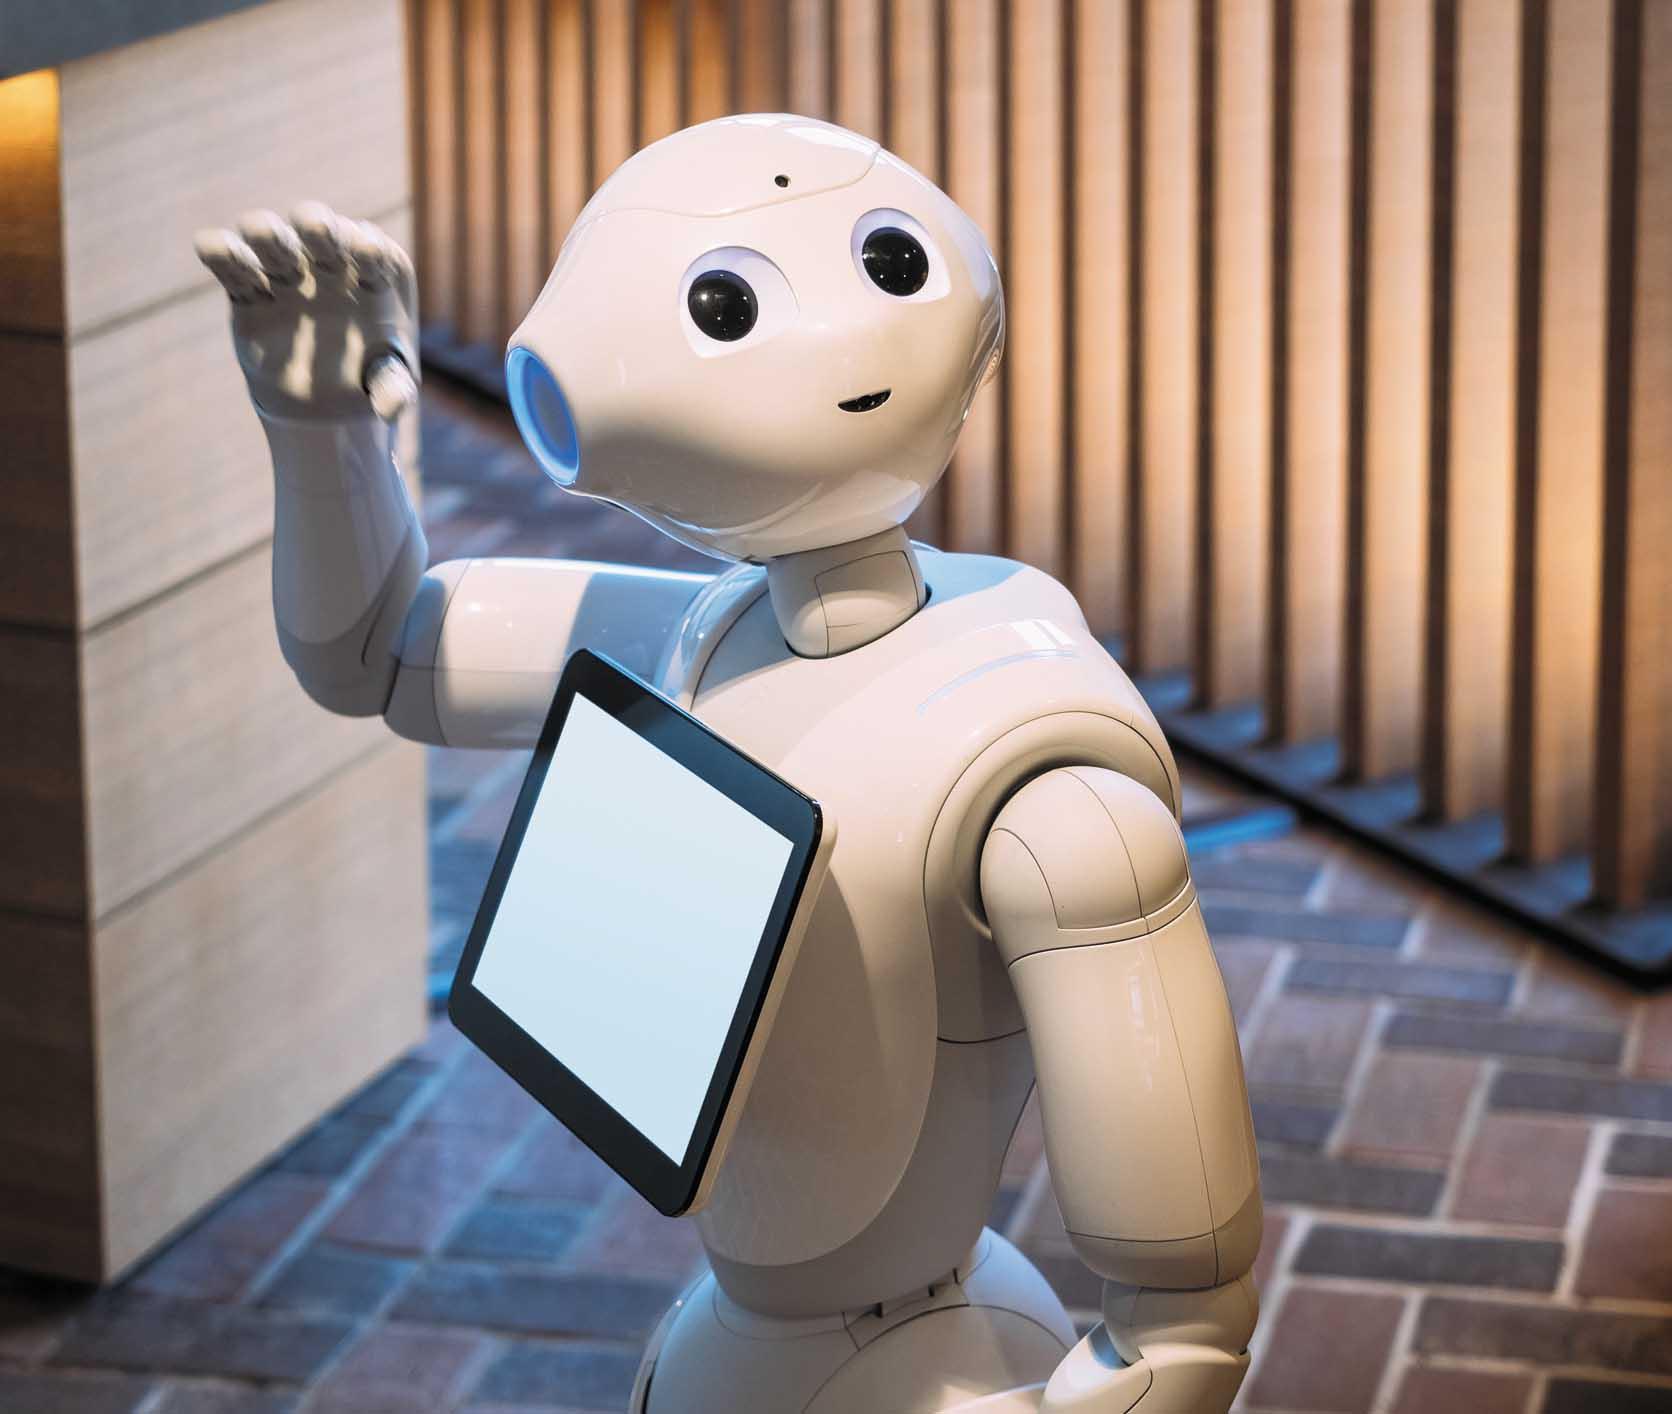 Avec leurs formes humanoïdes, leurs visages sympathiques et leurs noms qui fleurent bon la science-fiction, Nao, Pepper, Cutii, Leenby, Buddy, TiKi ou encore Maava sont les témoins du dynamisme de la scène française en matière de robotique.